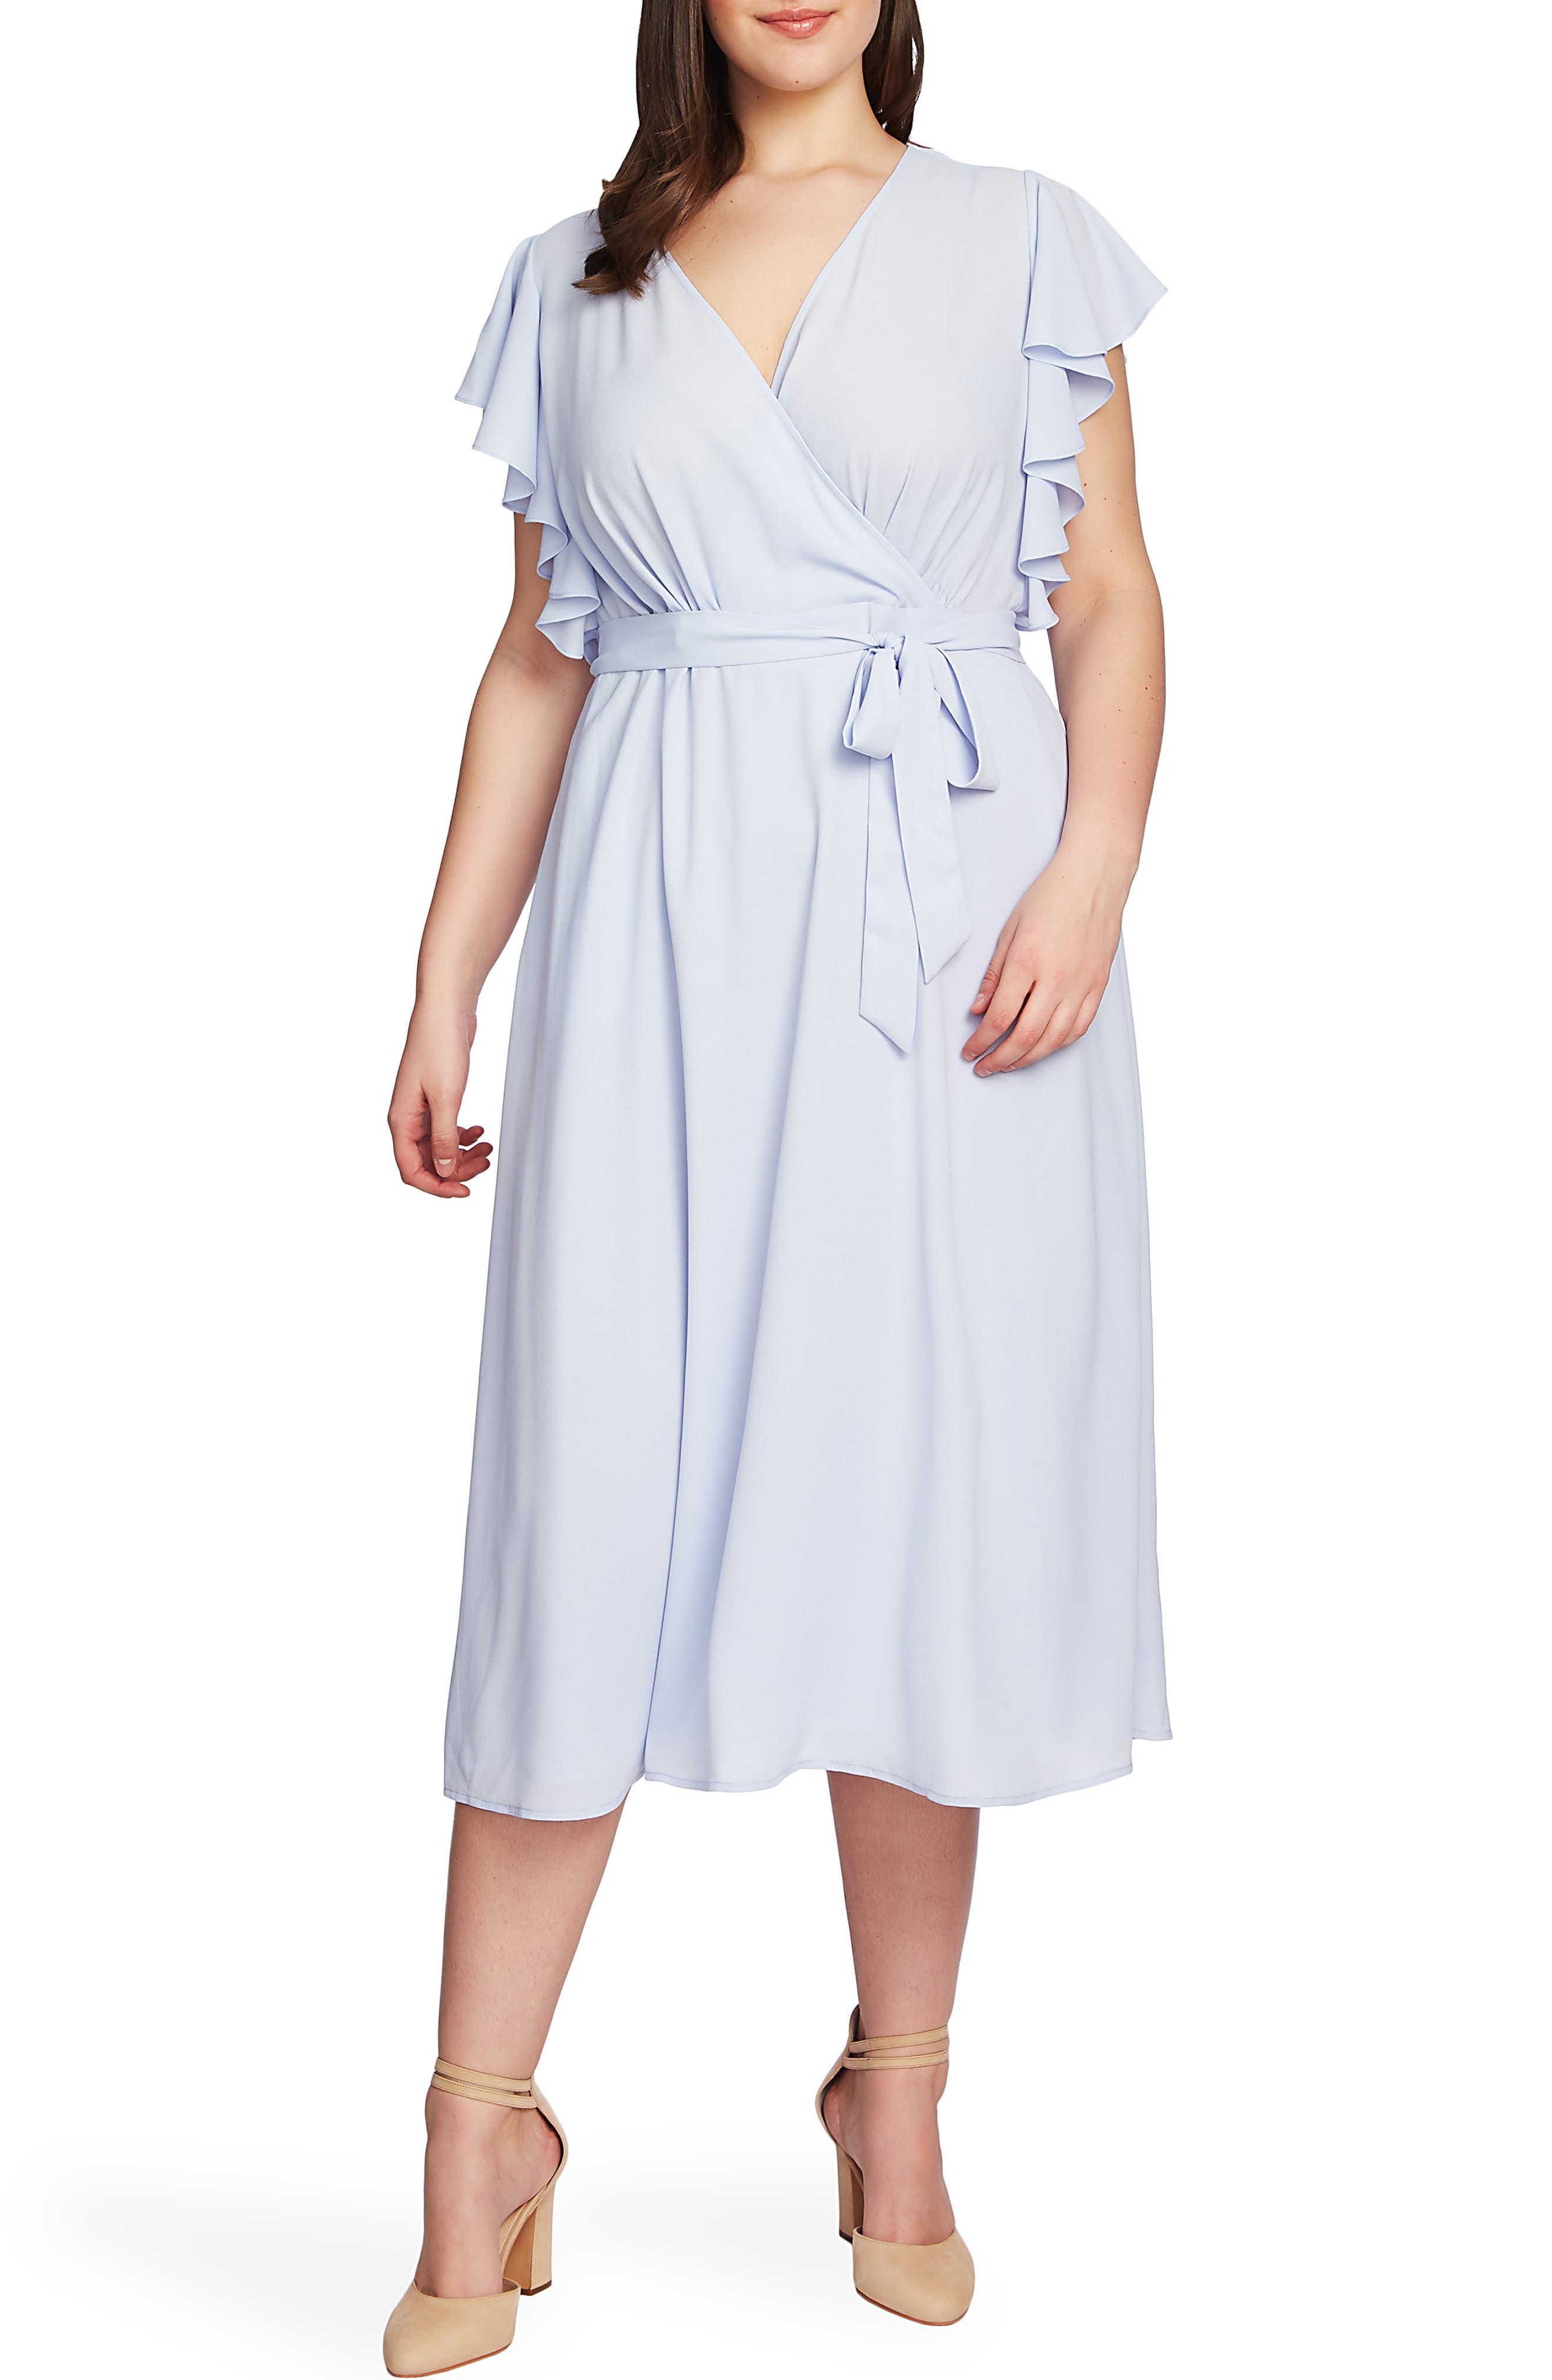 1930s Art Deco Plus Size Dresses | Tea Dresses, Party Dresses Plus Size Womens 1.state Flounce Sleeve Surplice Belted Midi Dress Size 14W - Blue $139.00 AT vintagedancer.com